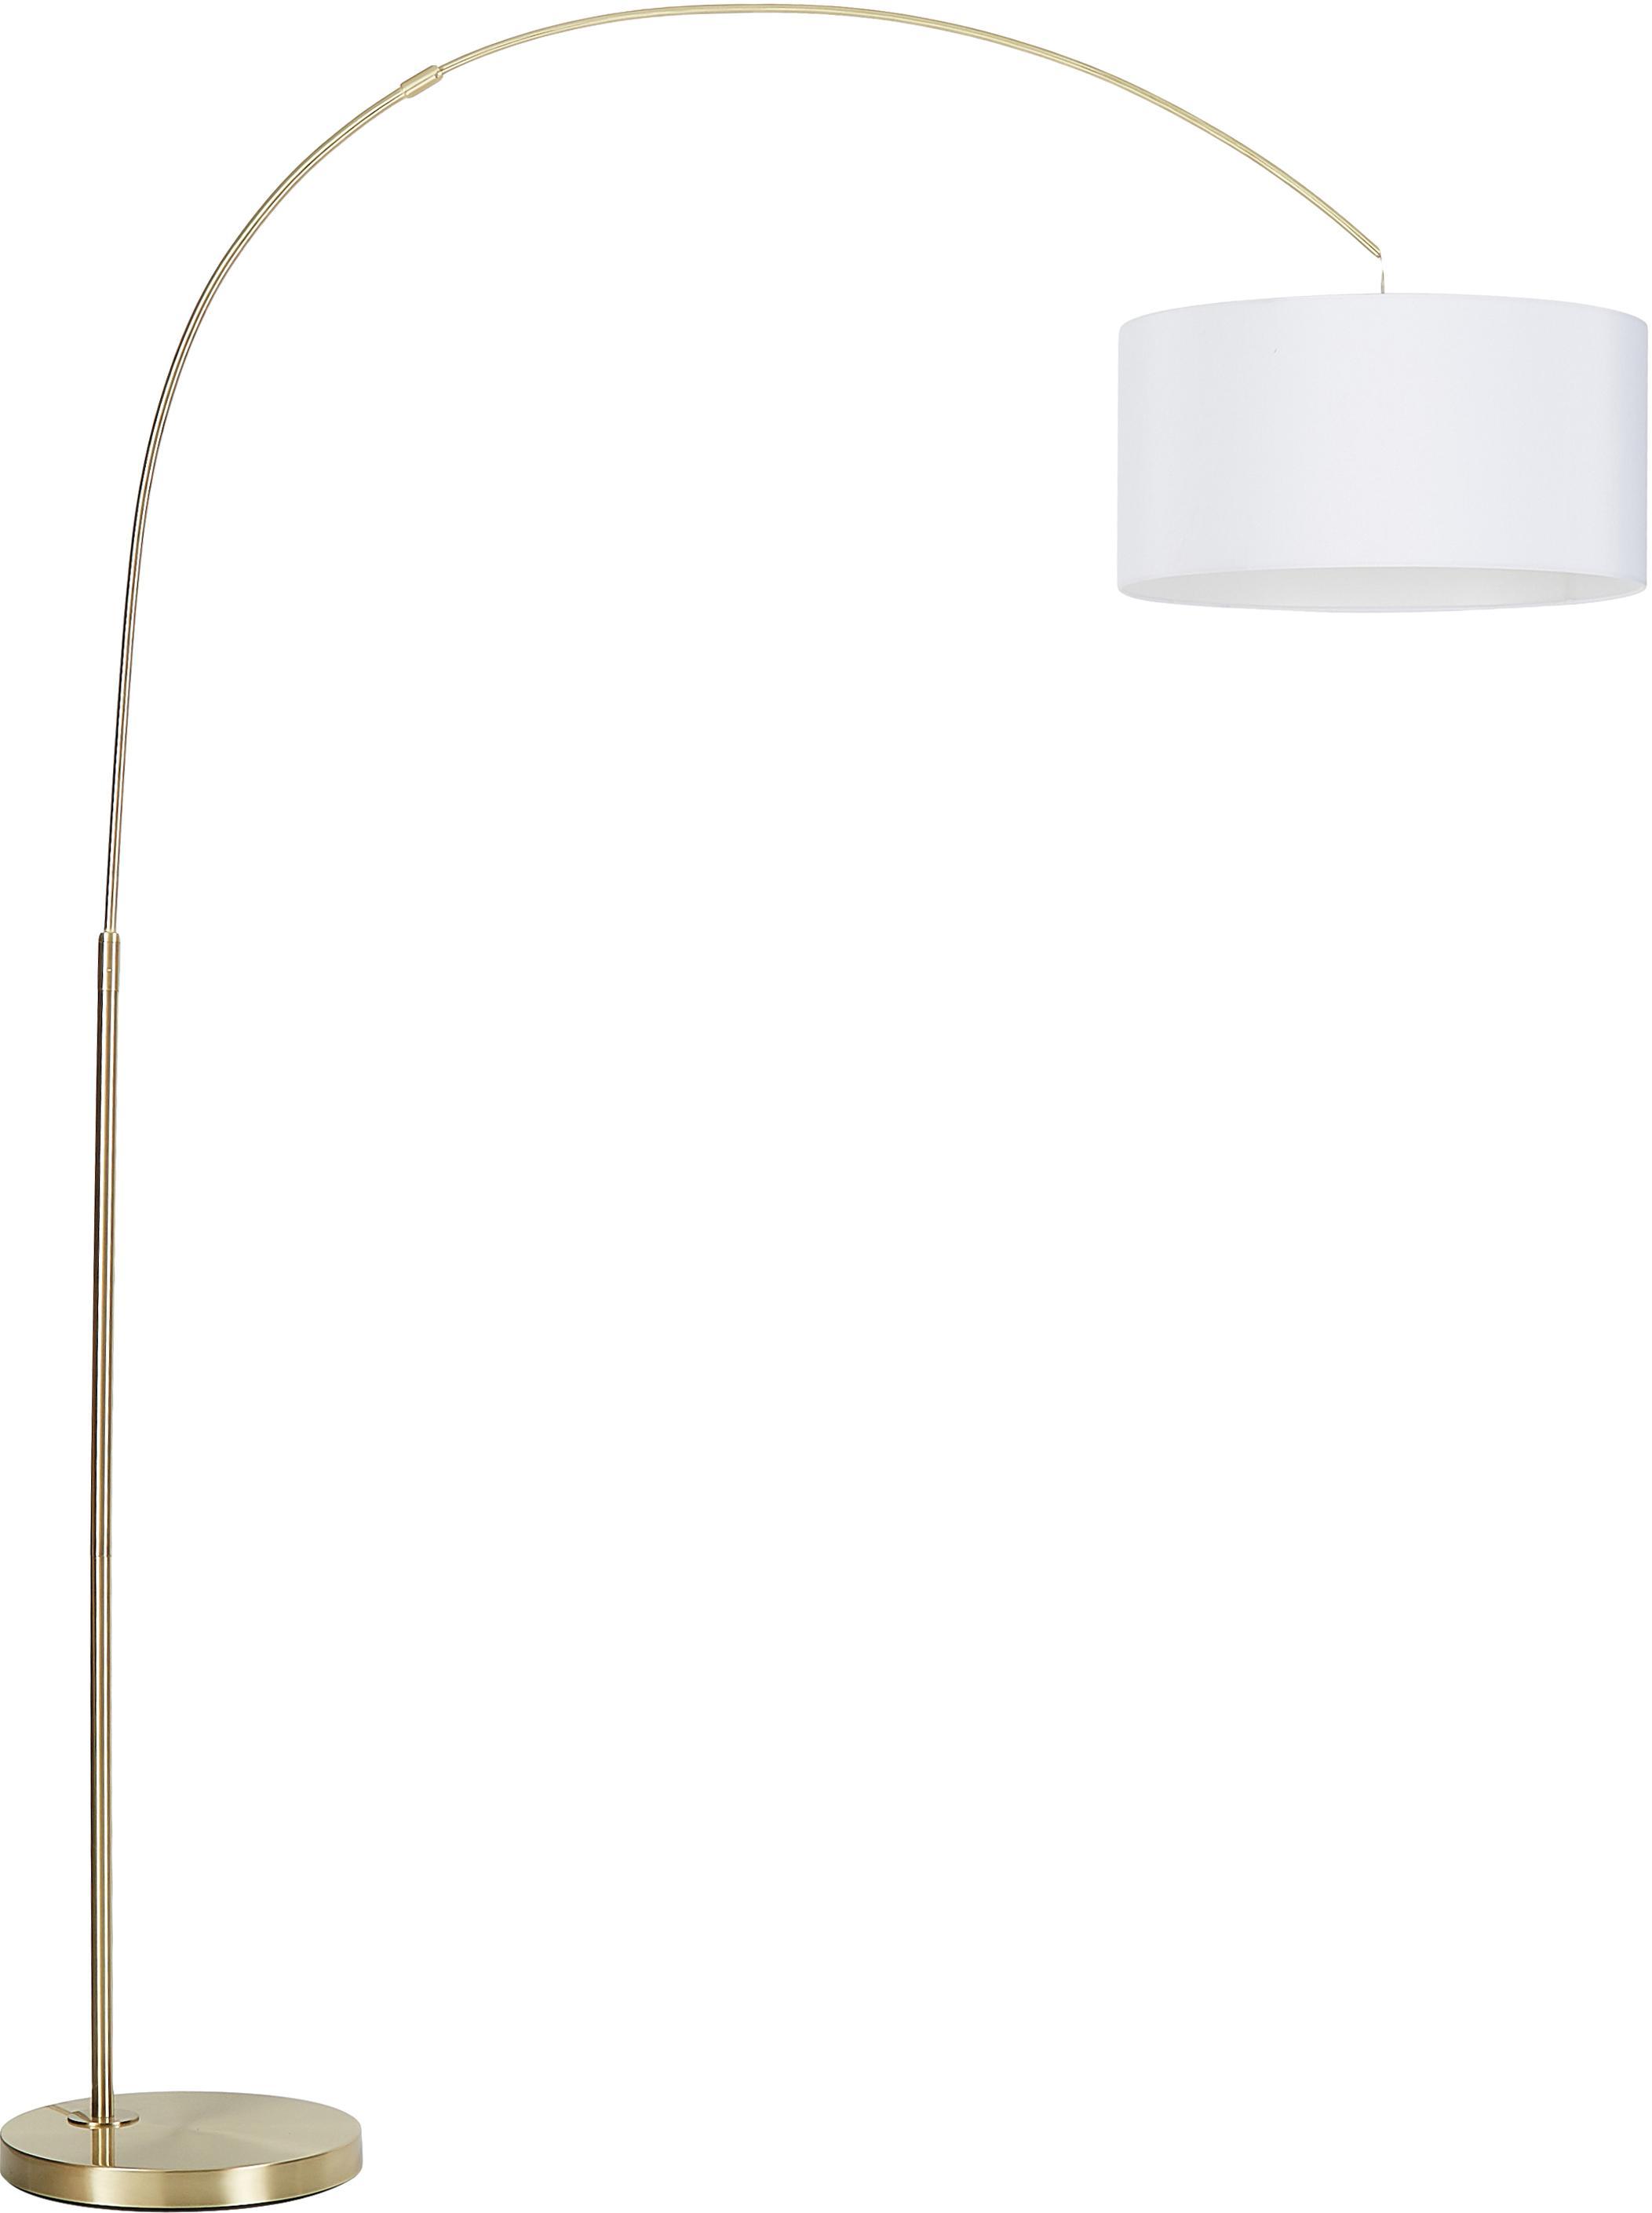 Lampada da terra ad arco Niels, Base della lampada: metallo spazzolato, Paralume: miscela di cotone, Paralume: bianco Base della lampada: ottonato Cavo: trasparente, Larg. 157 x Alt. 218 cm